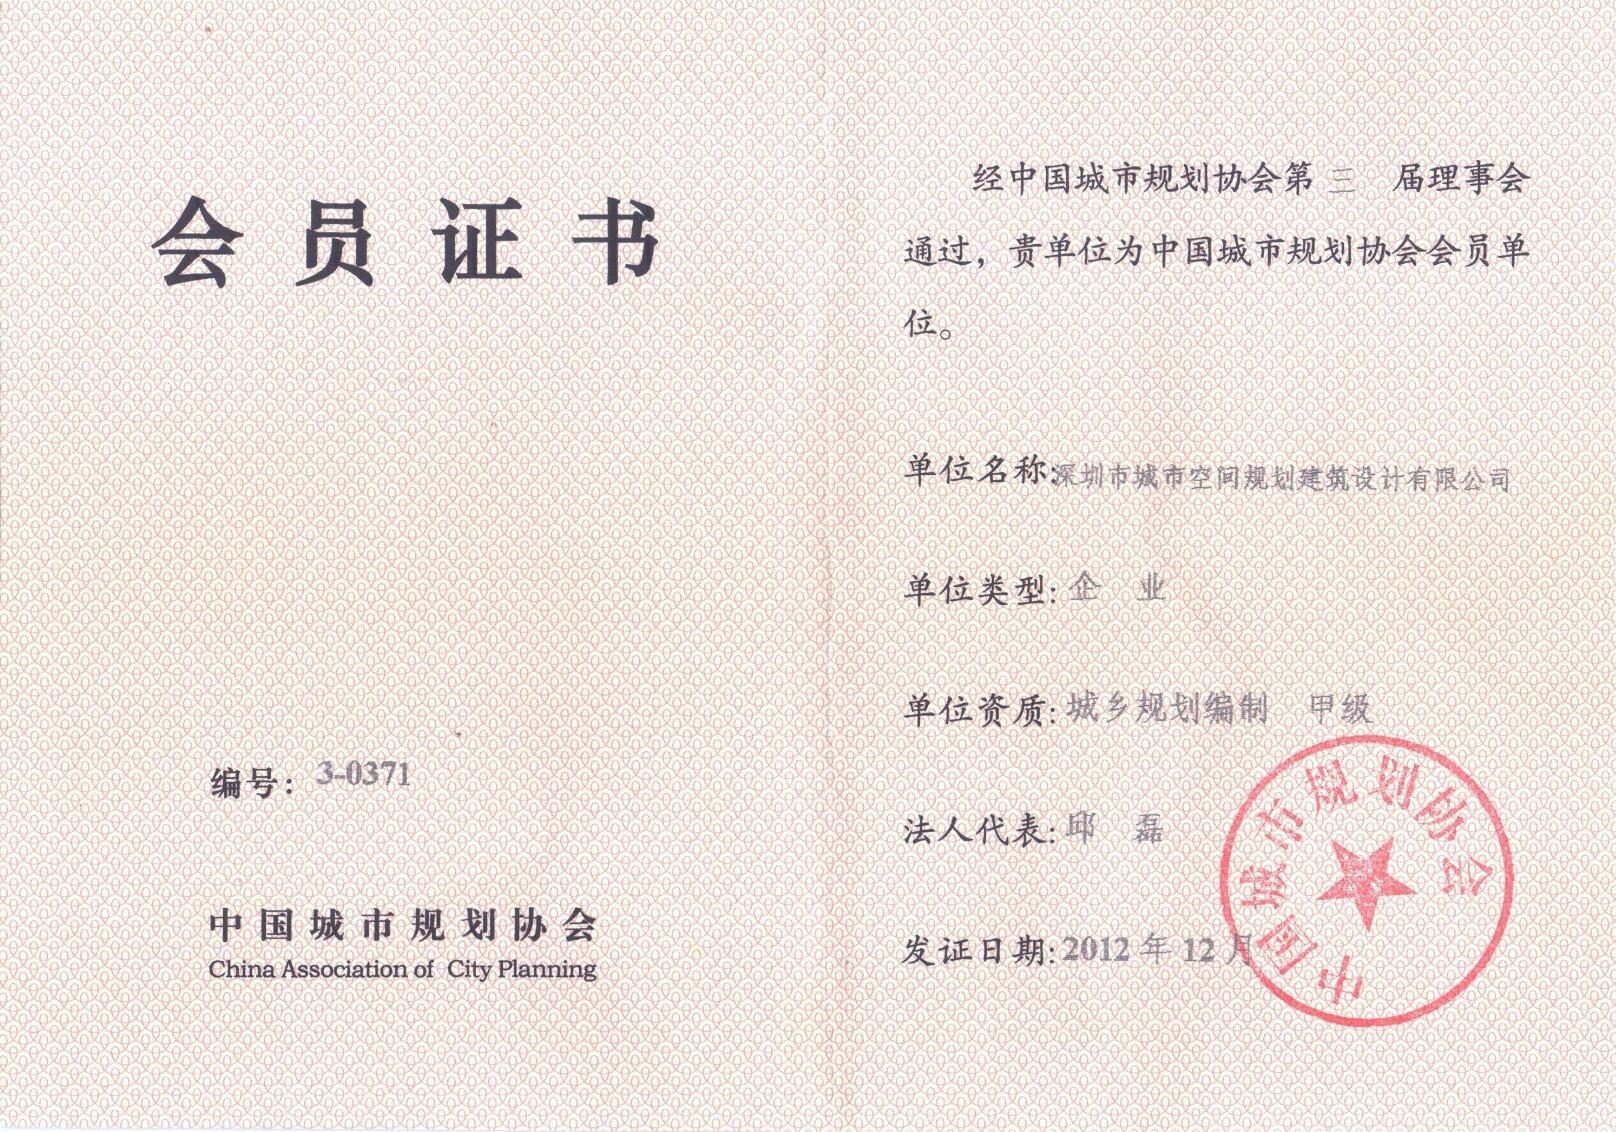 中国城市规划协会理事单位